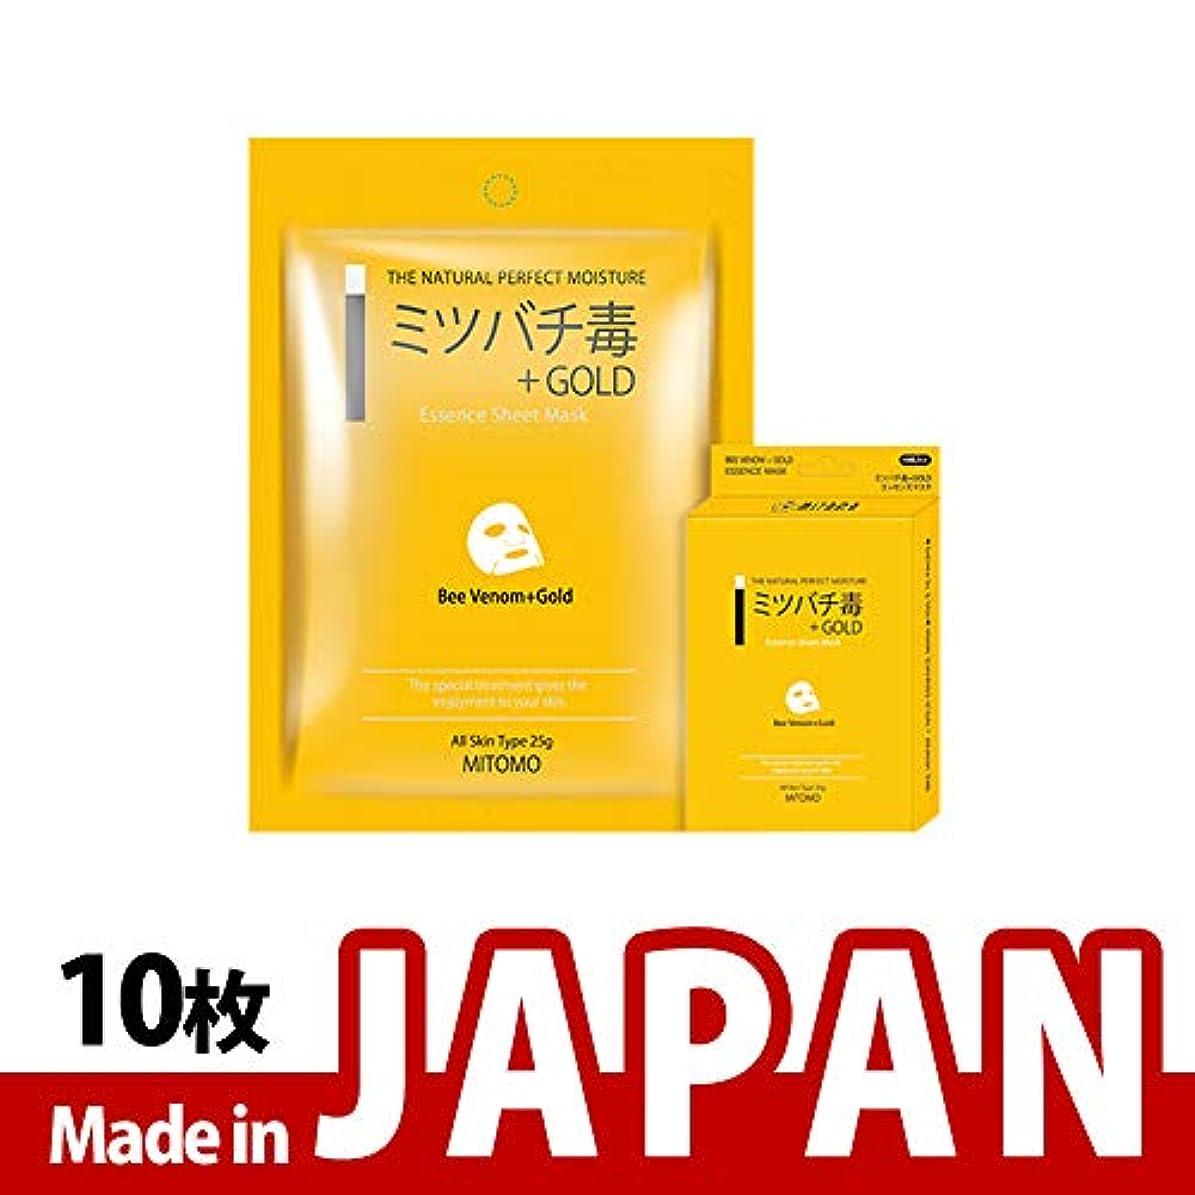 イライラするカスケードスキャンダラスMITOMO【MC001-A-5】日本製ミツバチ毒+ゴールド 敏感肌 肌汚れ対策シートマスク/10枚入り/10枚/美容液/マスクパック/送料無料